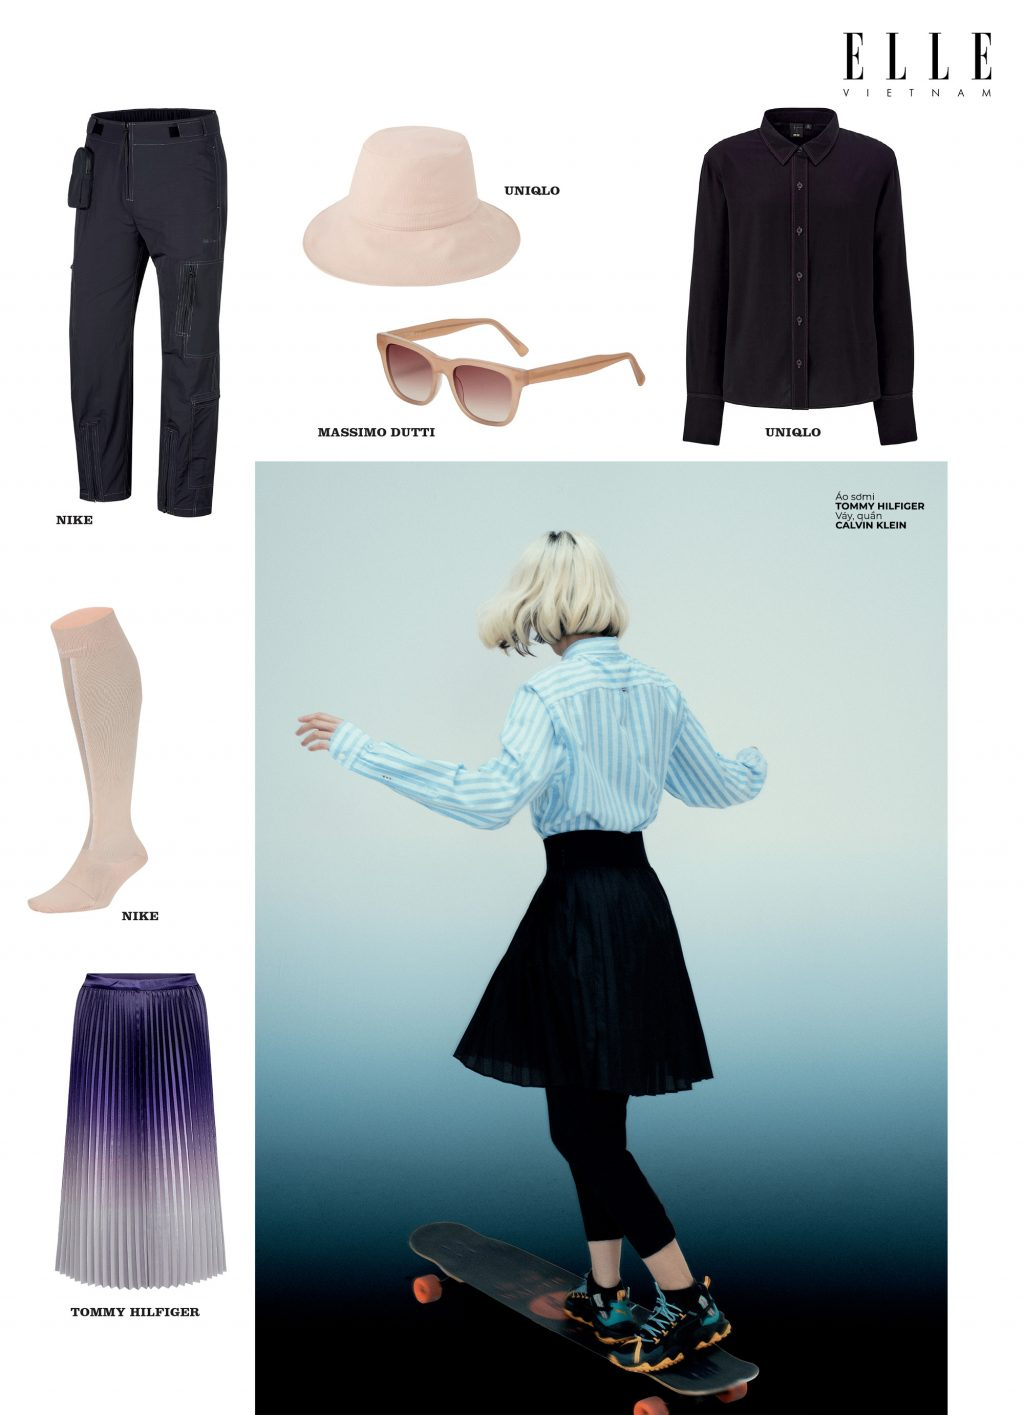 phong cách thời trang streetwear đồng phục học đường